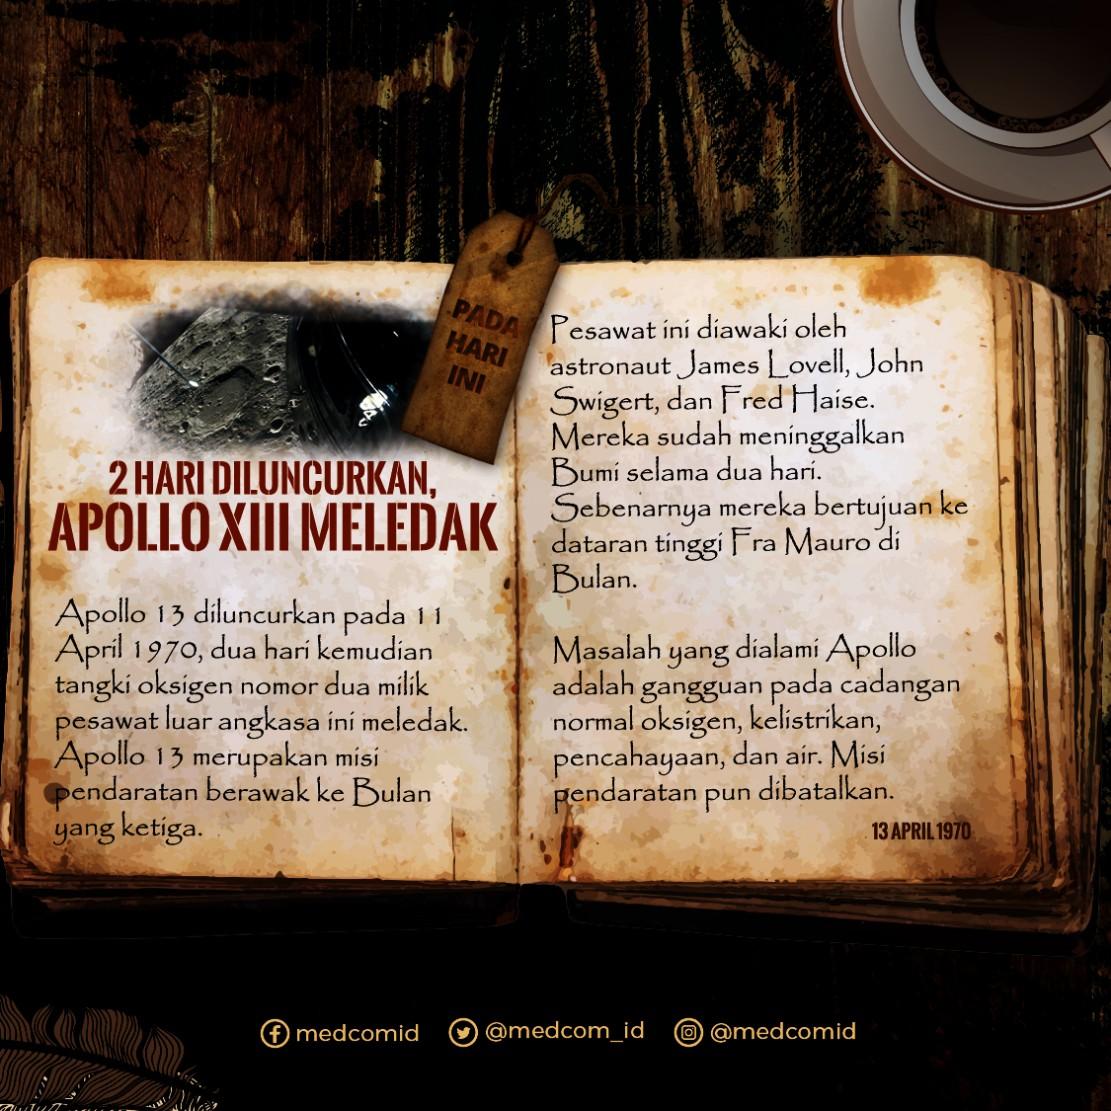 Hari ini: Dua Hari Diluncurkan, Apollo XIII Meledak